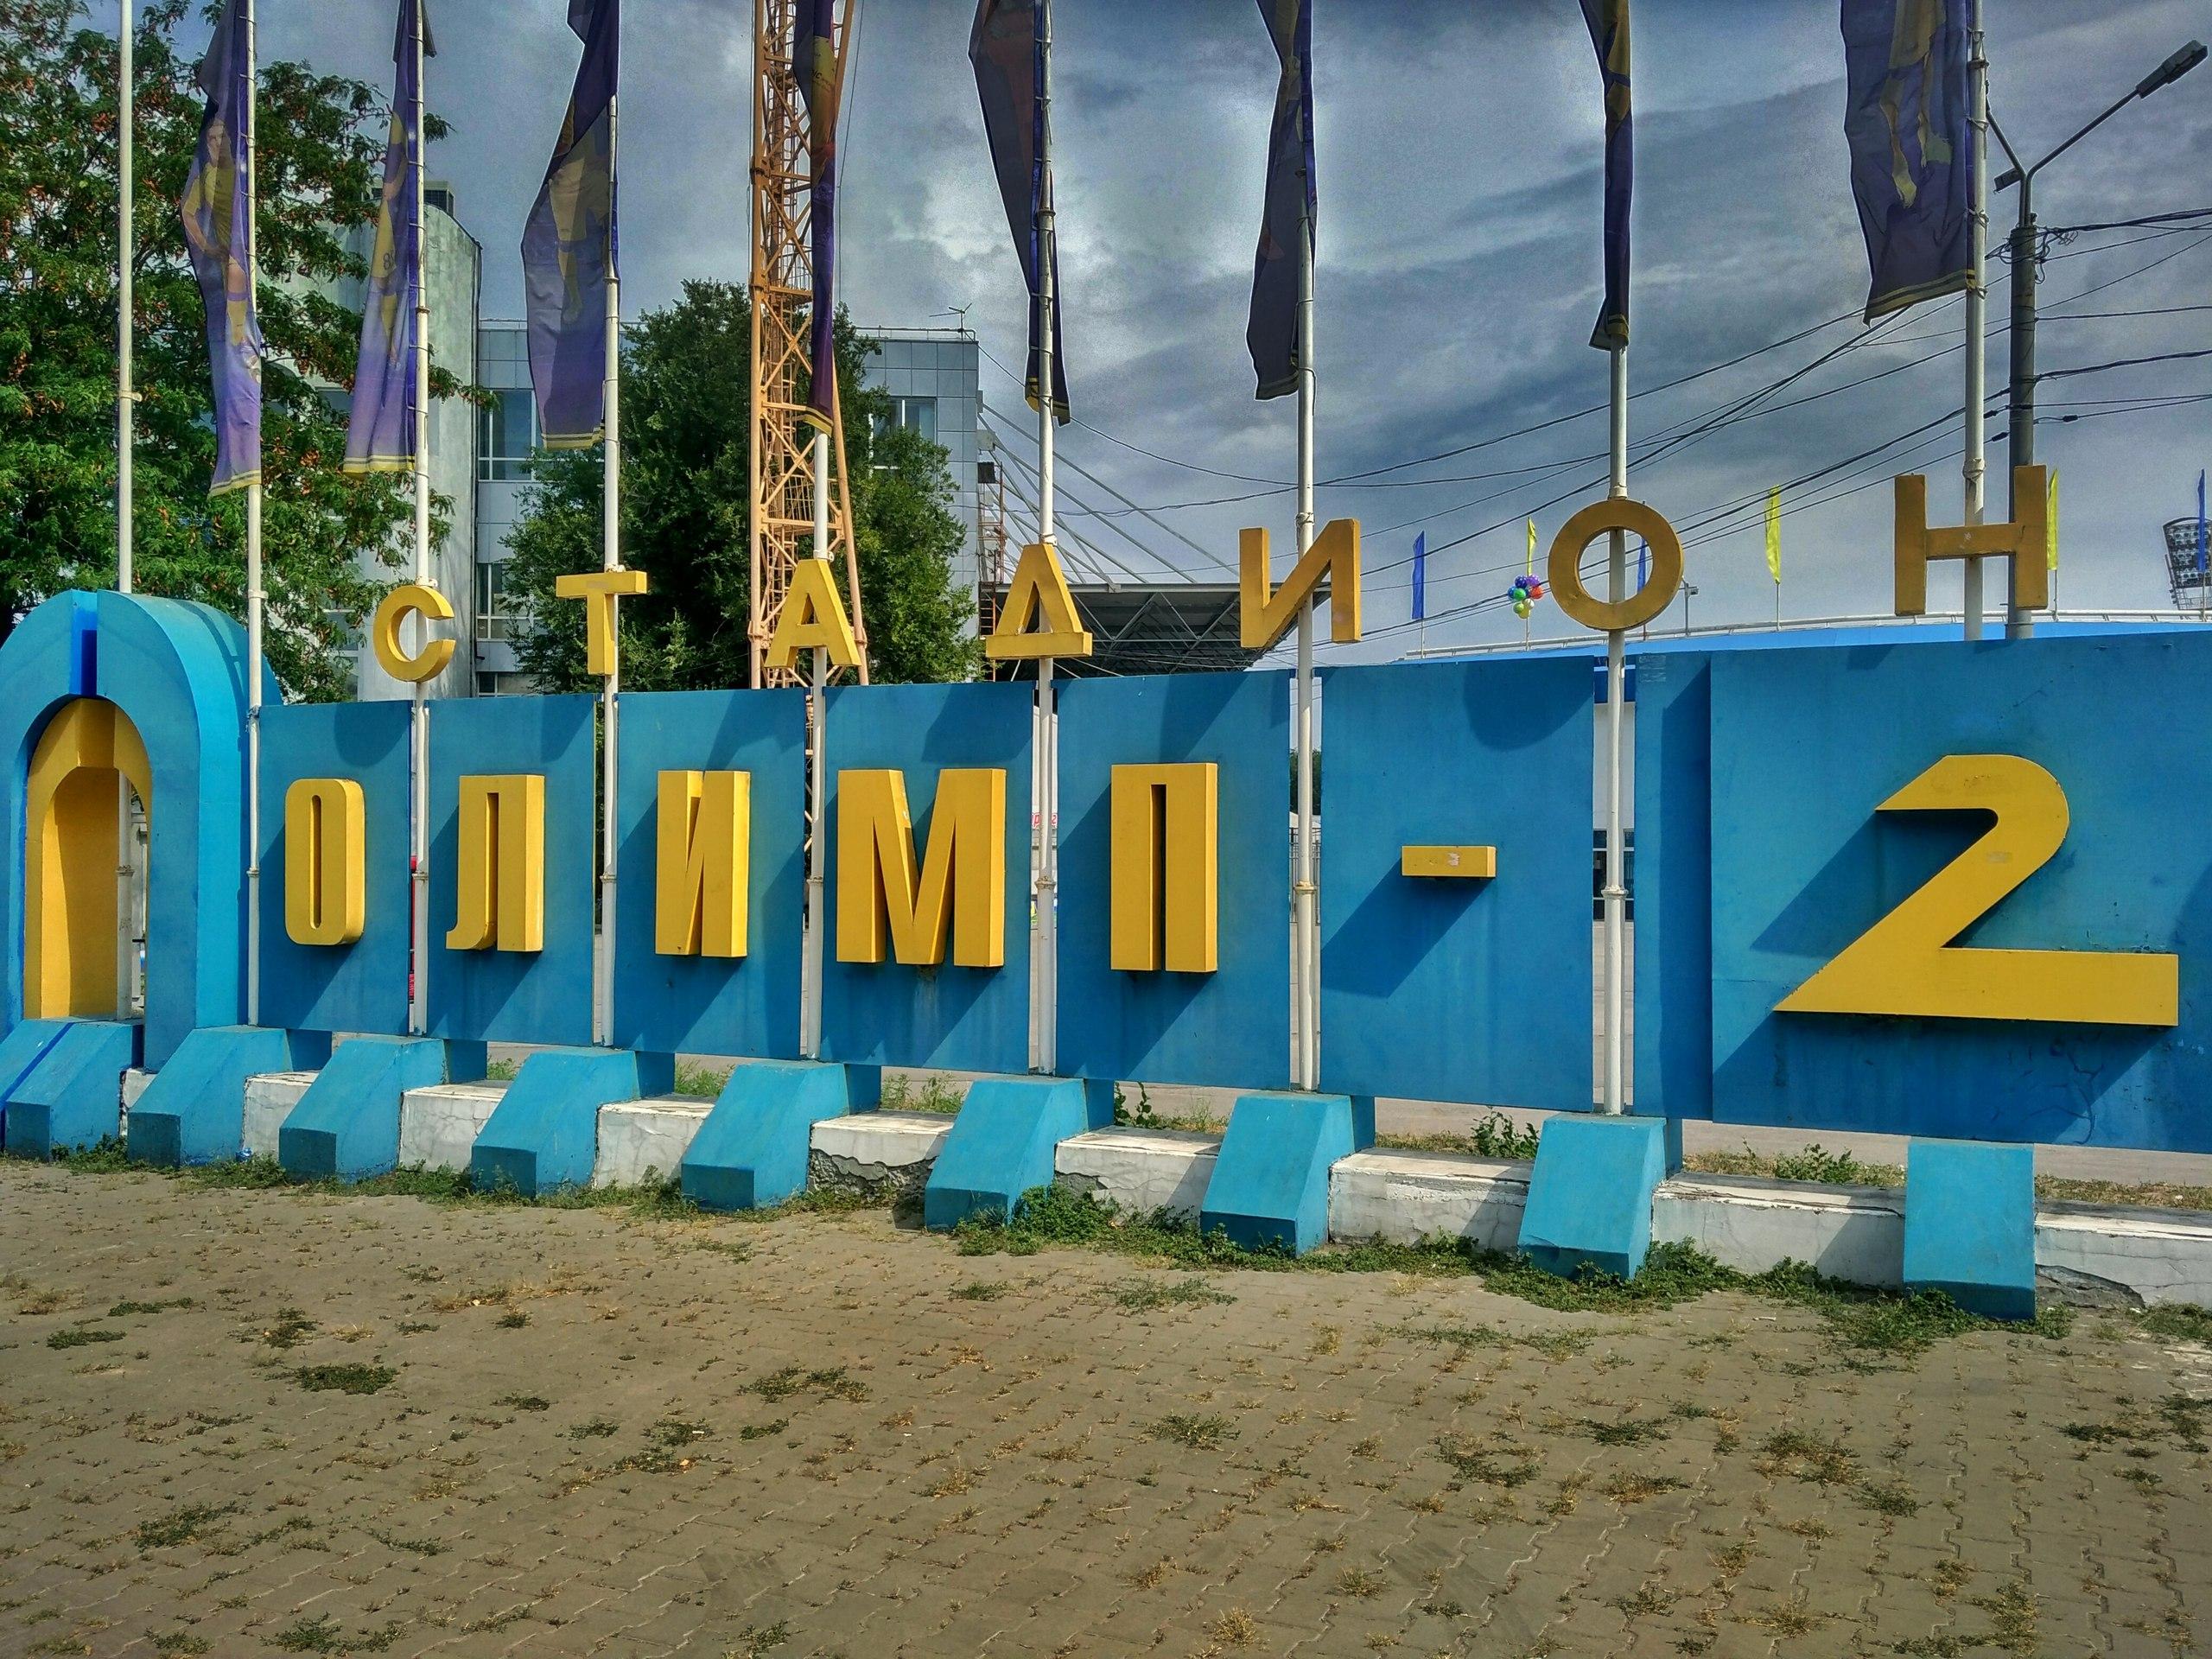 Саввиди заплатитФК «Ростов» 30 млн руб. запереименование стадиона «Олимп-2»